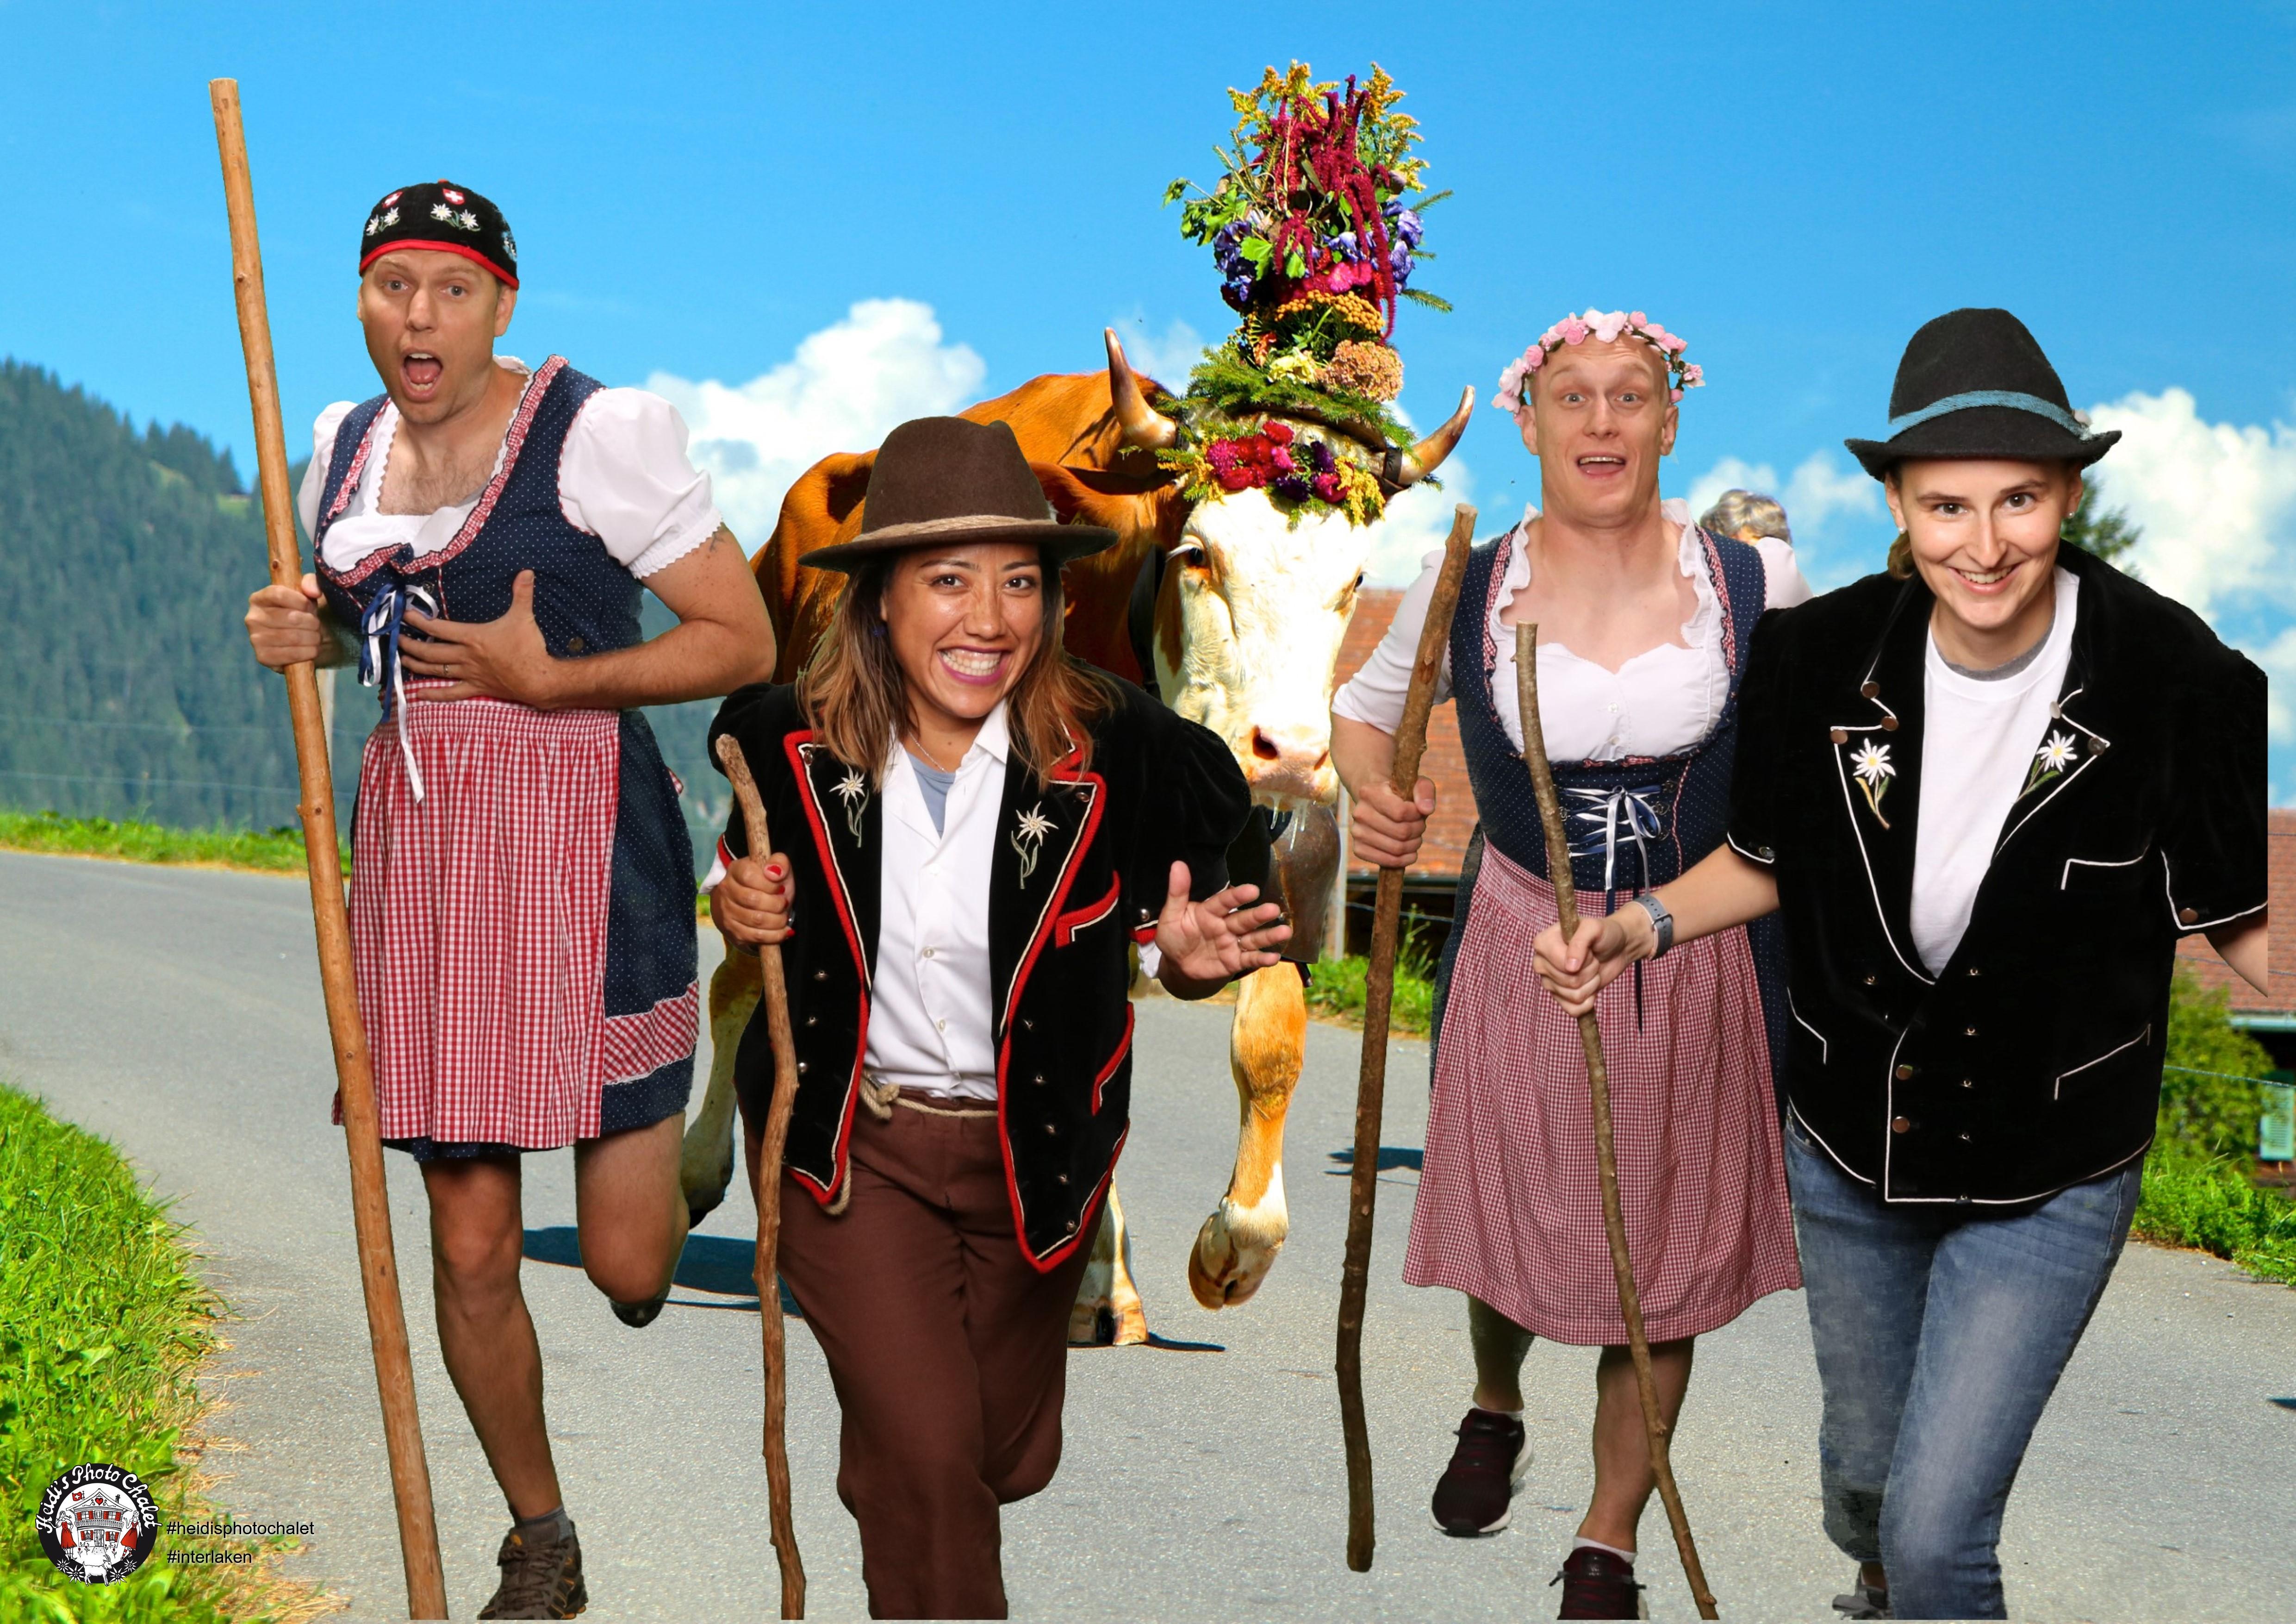 Sunday-Funday bei Heidi's Interlaken